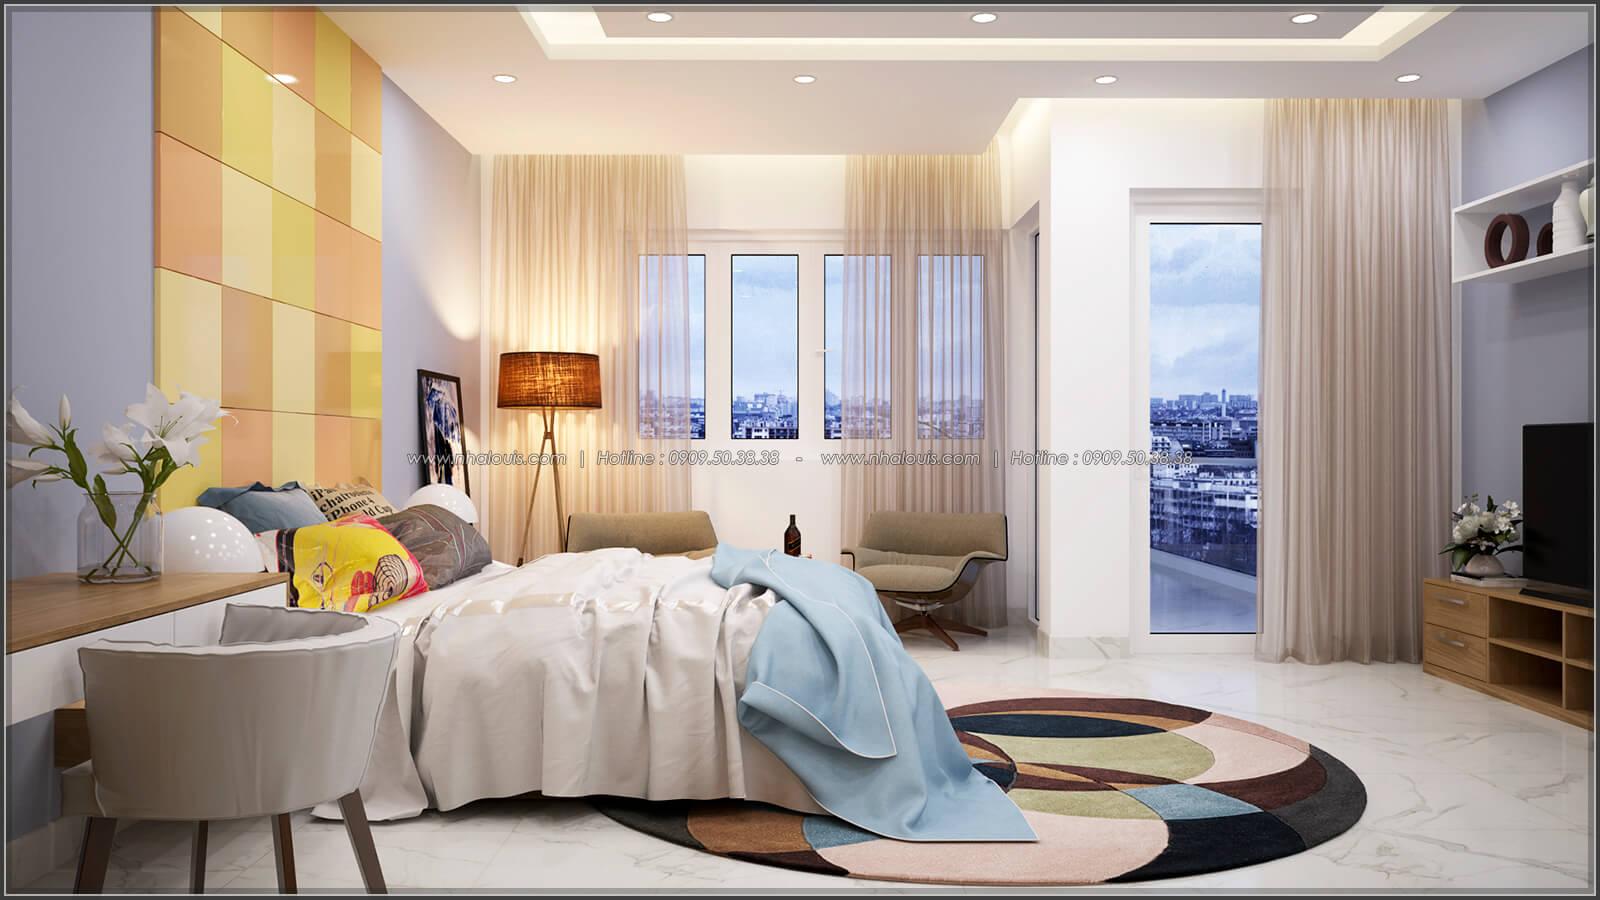 Phòng ngủ Thiết kế nhà ở kết hợp kinh doanh với master sang chảnh quận 8 - 11